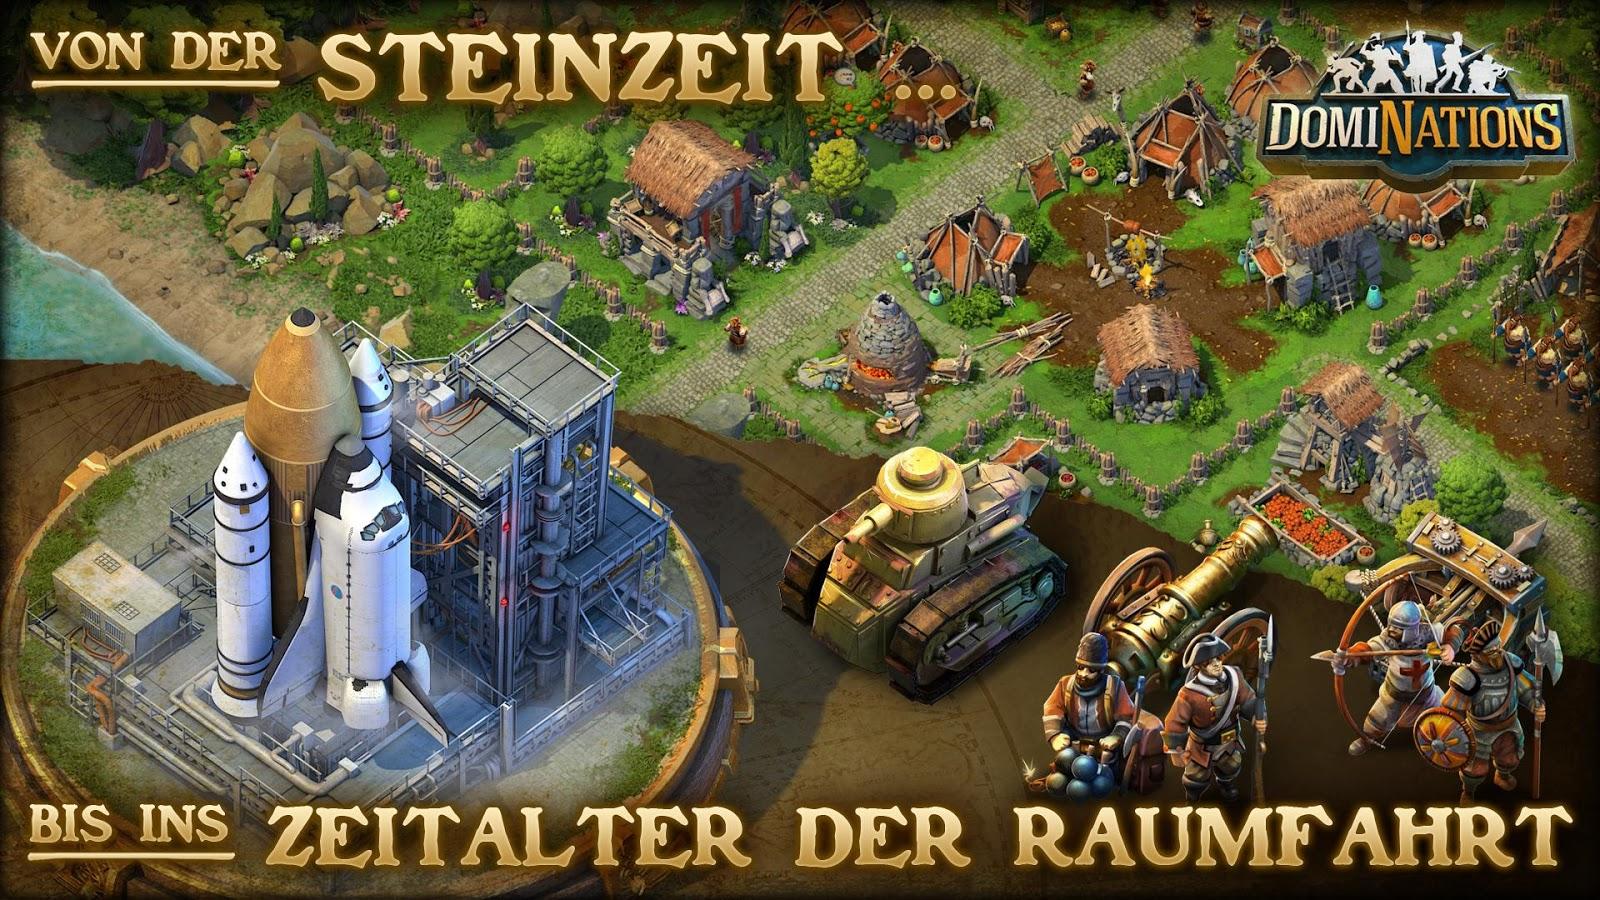 dominations-tipps-und-hilfe-fuer-einsteiger-Strategie-iphone-ipad-tipps-tricks-cheats-android-ios-windows-apps-hack-spiel-weltwunder-weltreich-Steinzeit-zeitalter-der-Raumfahrt-game-20